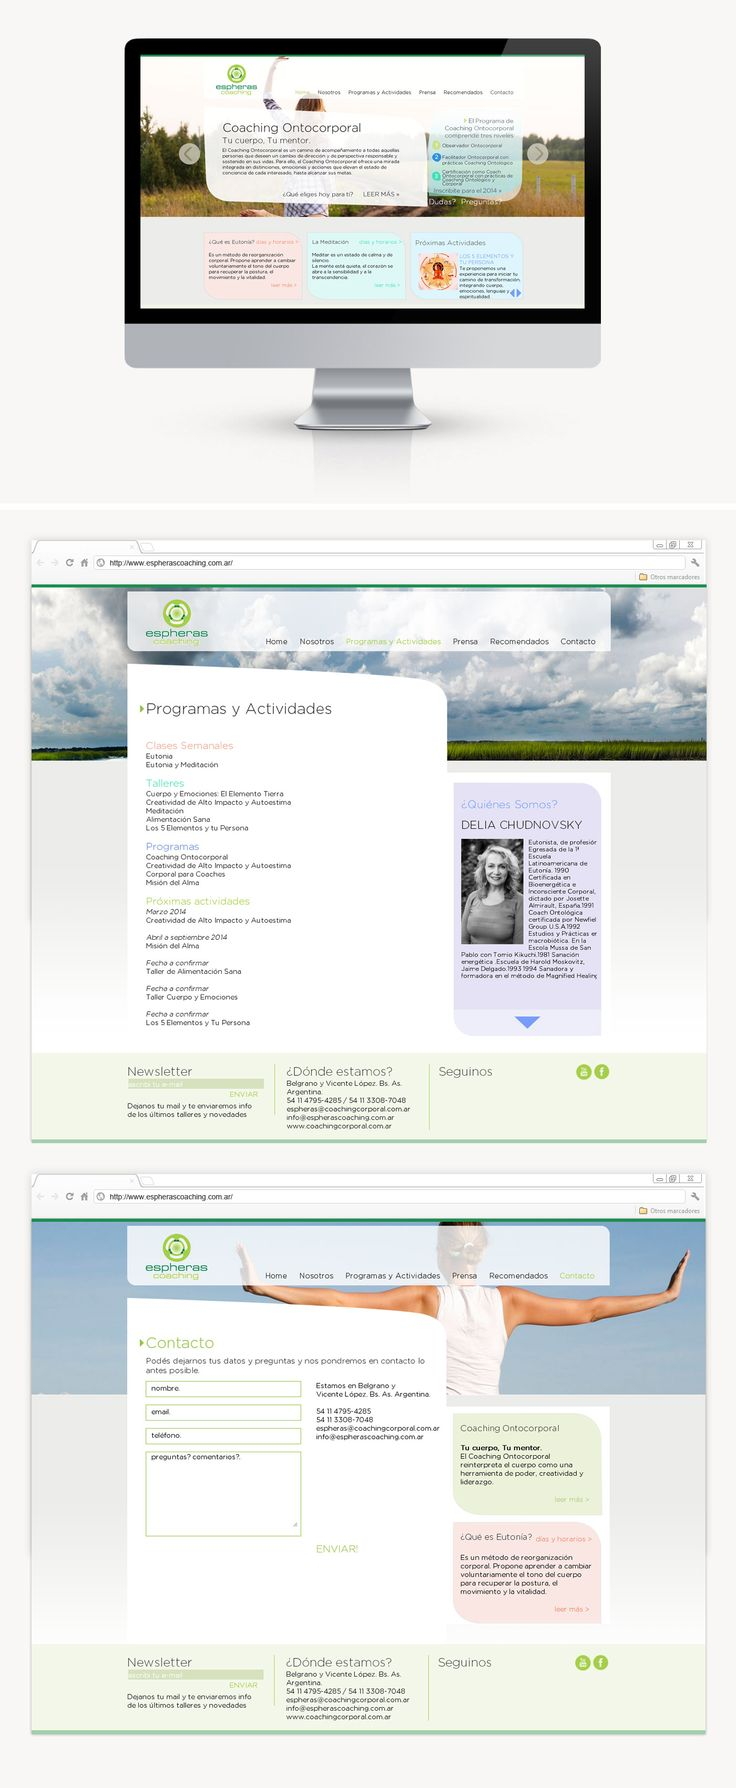 Para Espheras hicimos el diseño web del sitio, cumpliendo con el requerimiento del cliente que necesitaba que toda la web sea auto-administrable de contenidos y de fotos, para eso implementamos un backend muy intuitivo para que ellos mismos puedan editar sus contenidos por completo.